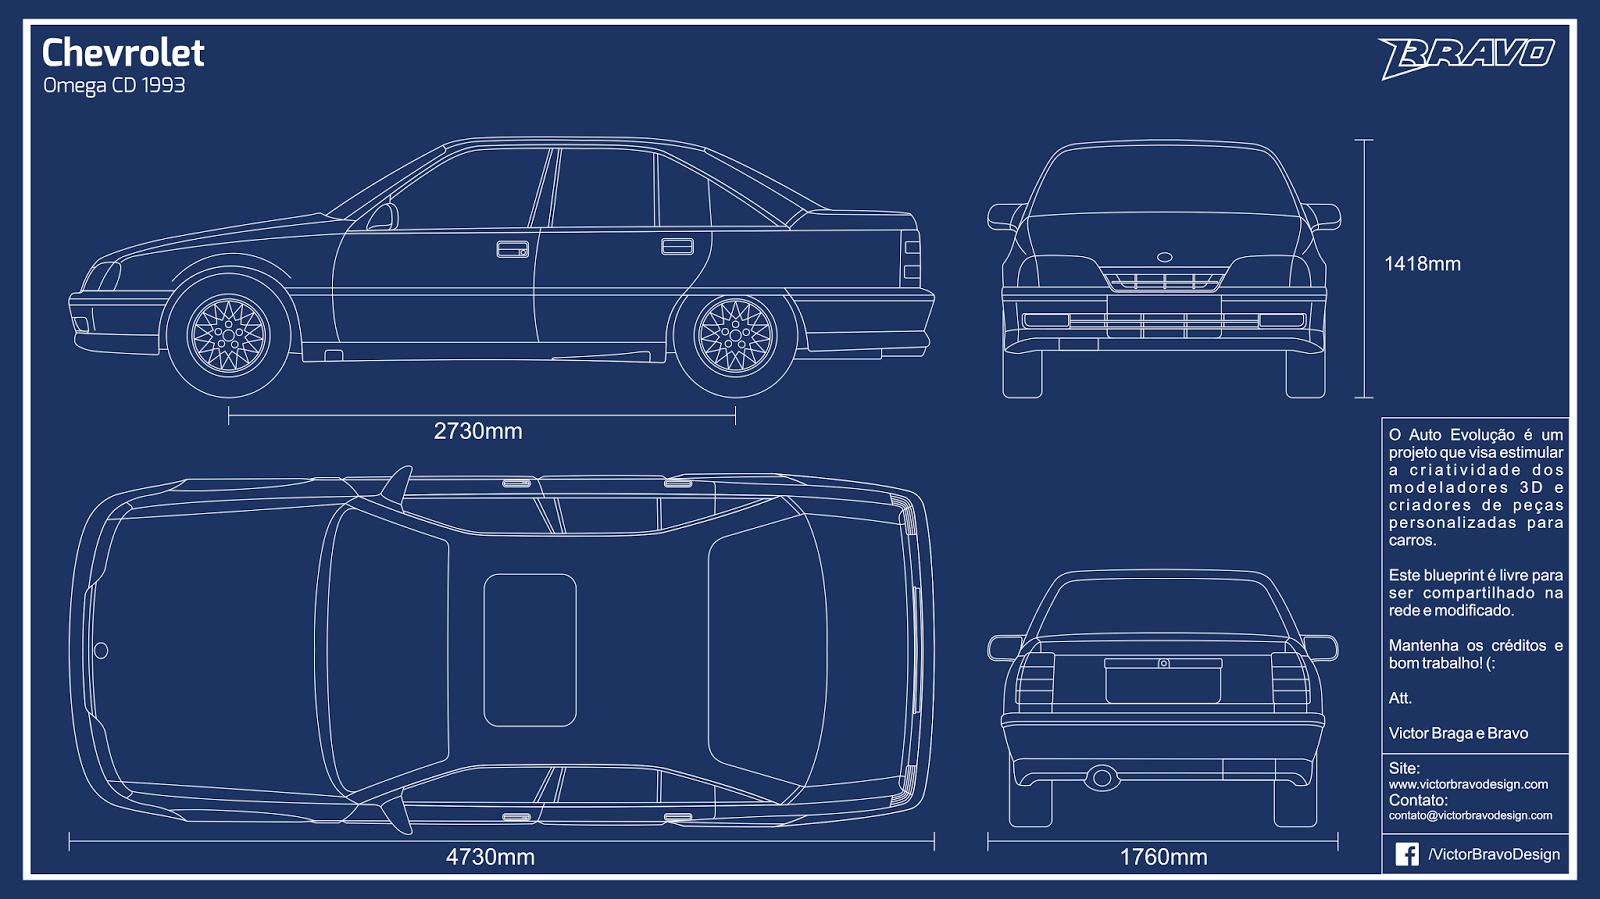 Imagem do blueprint do Chevrolet Omega CD 1993